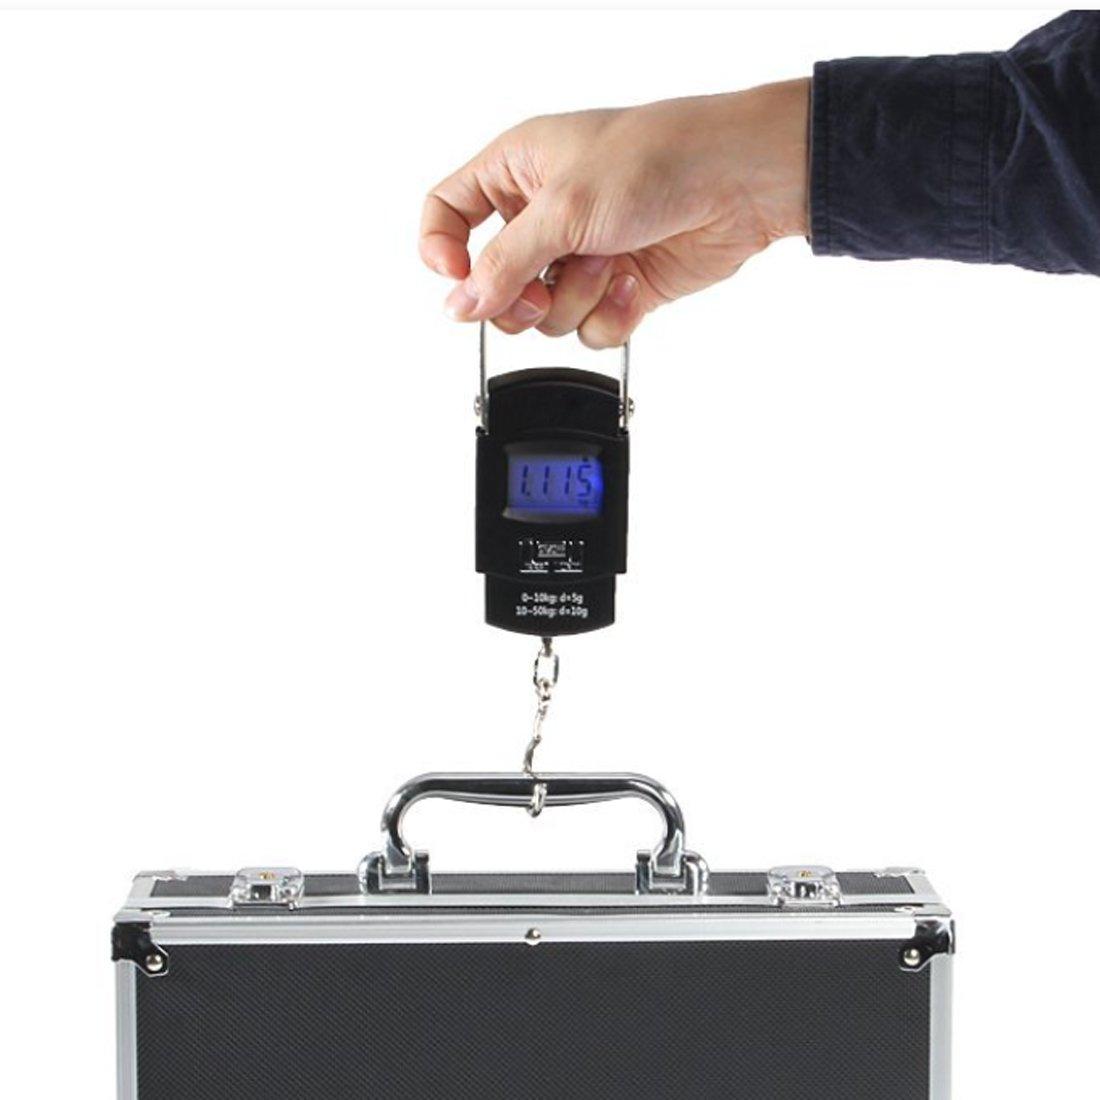 Báscula Digital de Precisión Balanza Electrónico De Mano Colgar Equipaje 50kg para Maletas Equipaje de Viaje Báscula: Amazon.es: Bricolaje y herramientas